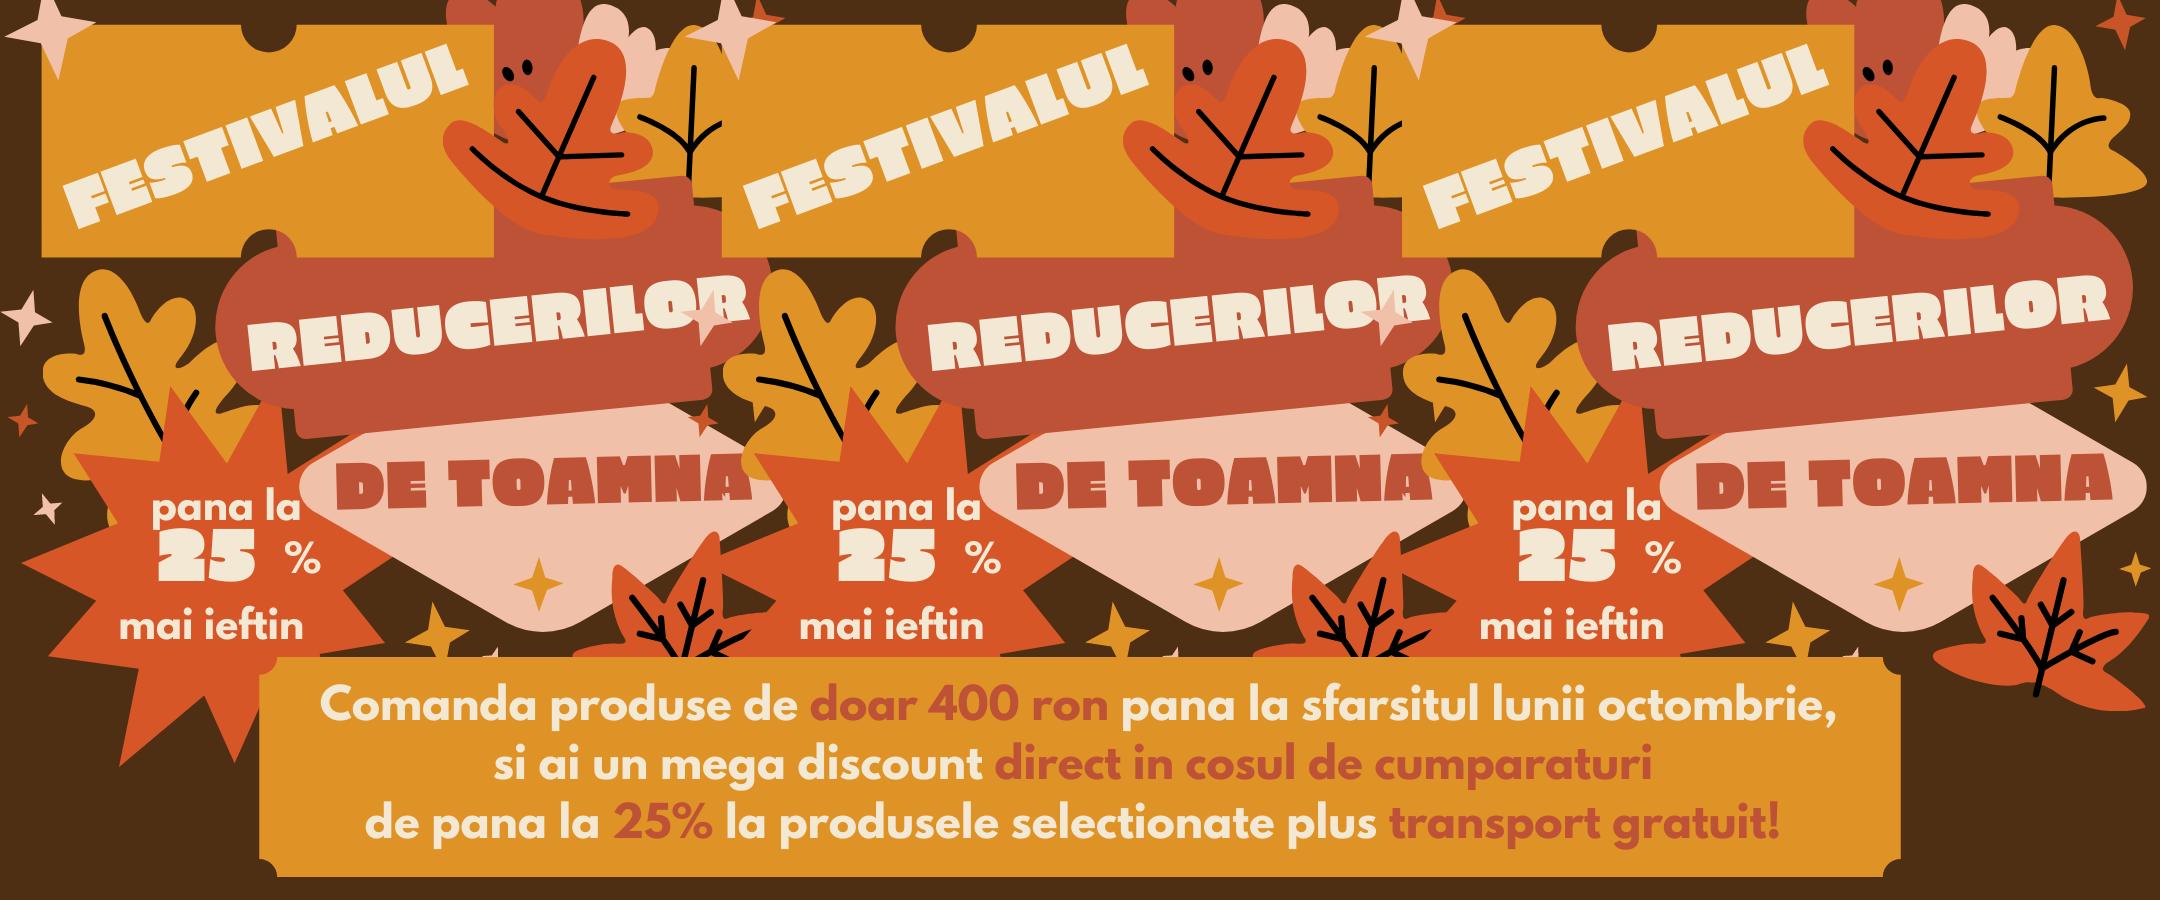 festival toamna zahar